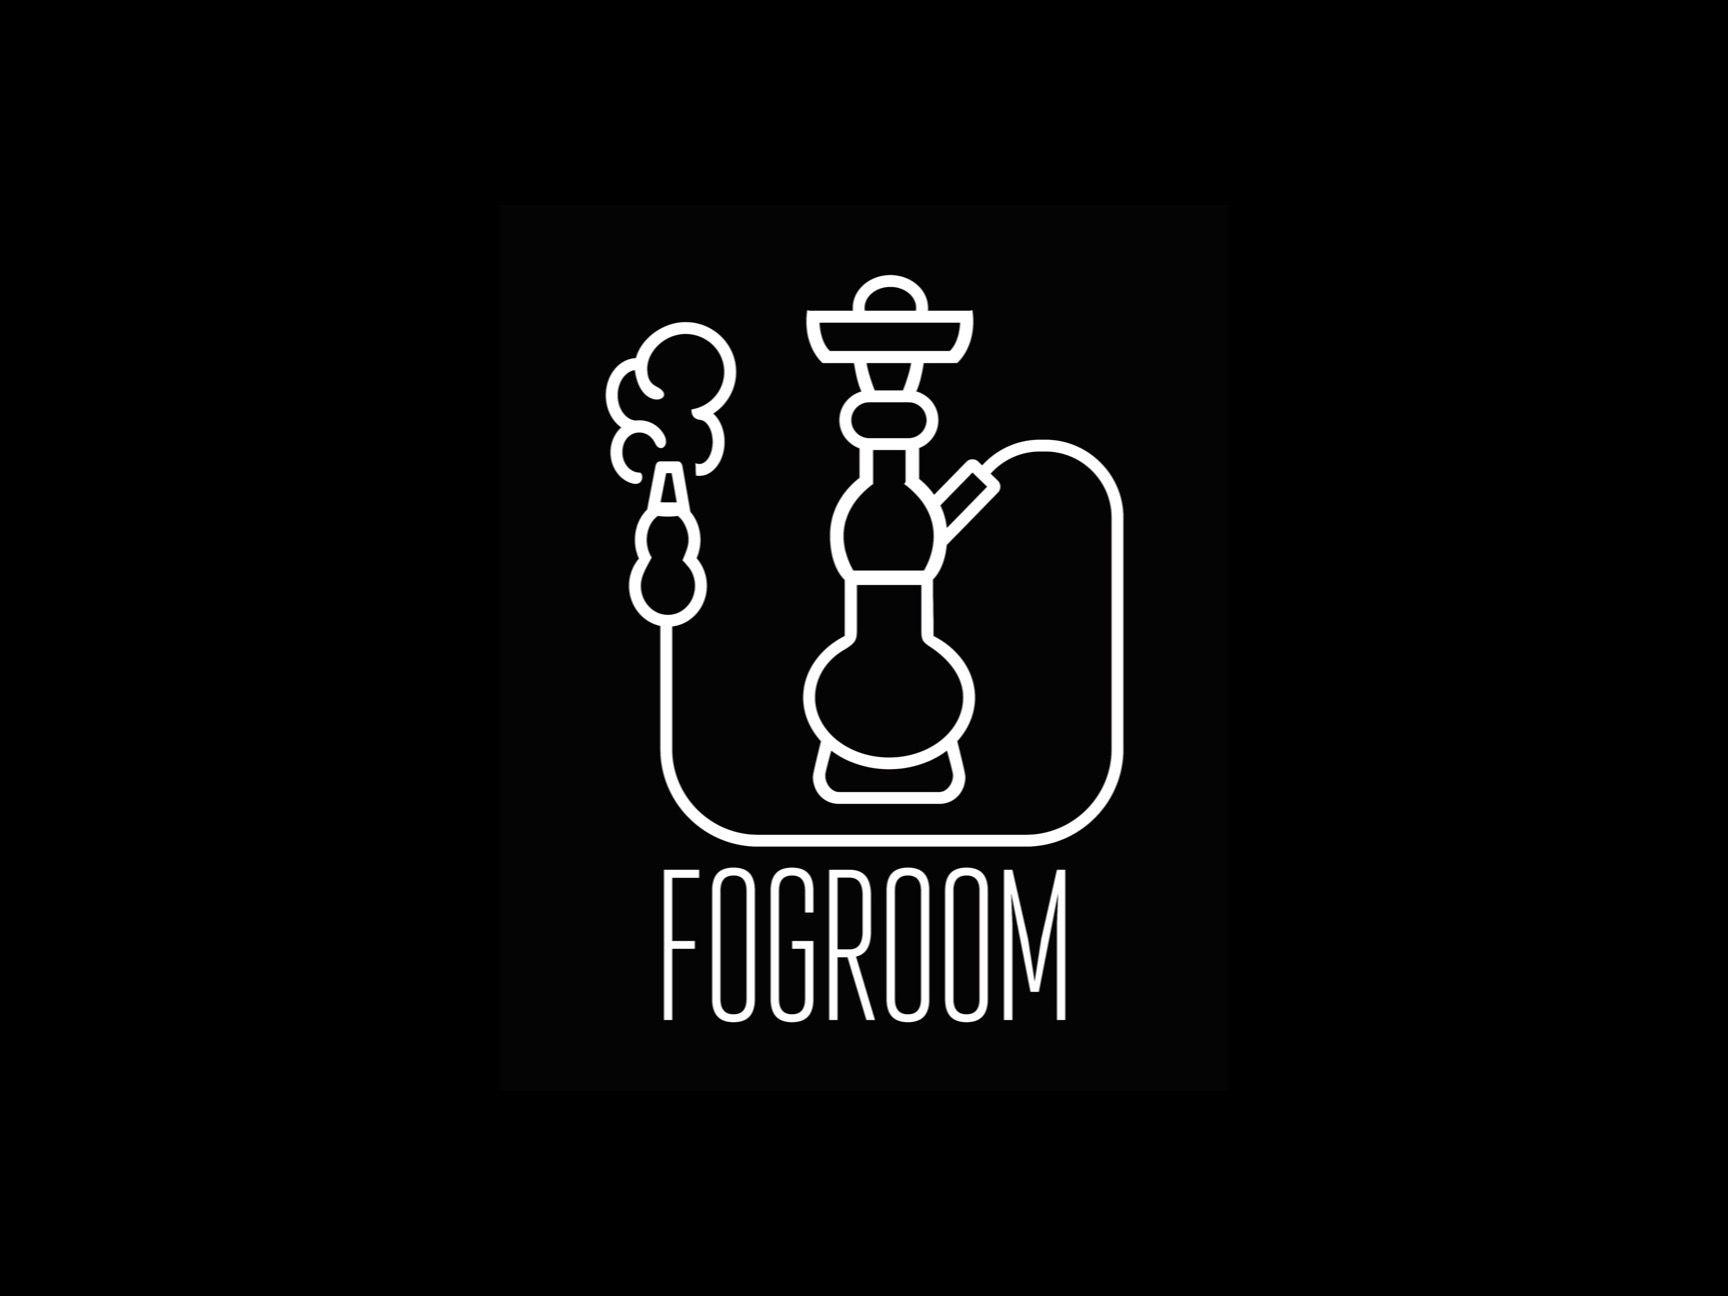 #UNika #логотип #мойпин #рисунки #идеи #кальян #кальянная #вдохновение #первыеработы #лого #попарт #арт #art #popart #логтипназаказ #наклейки #стикер #стикеры #шауroom #fogroom #логотипы #значки #знак #черновик